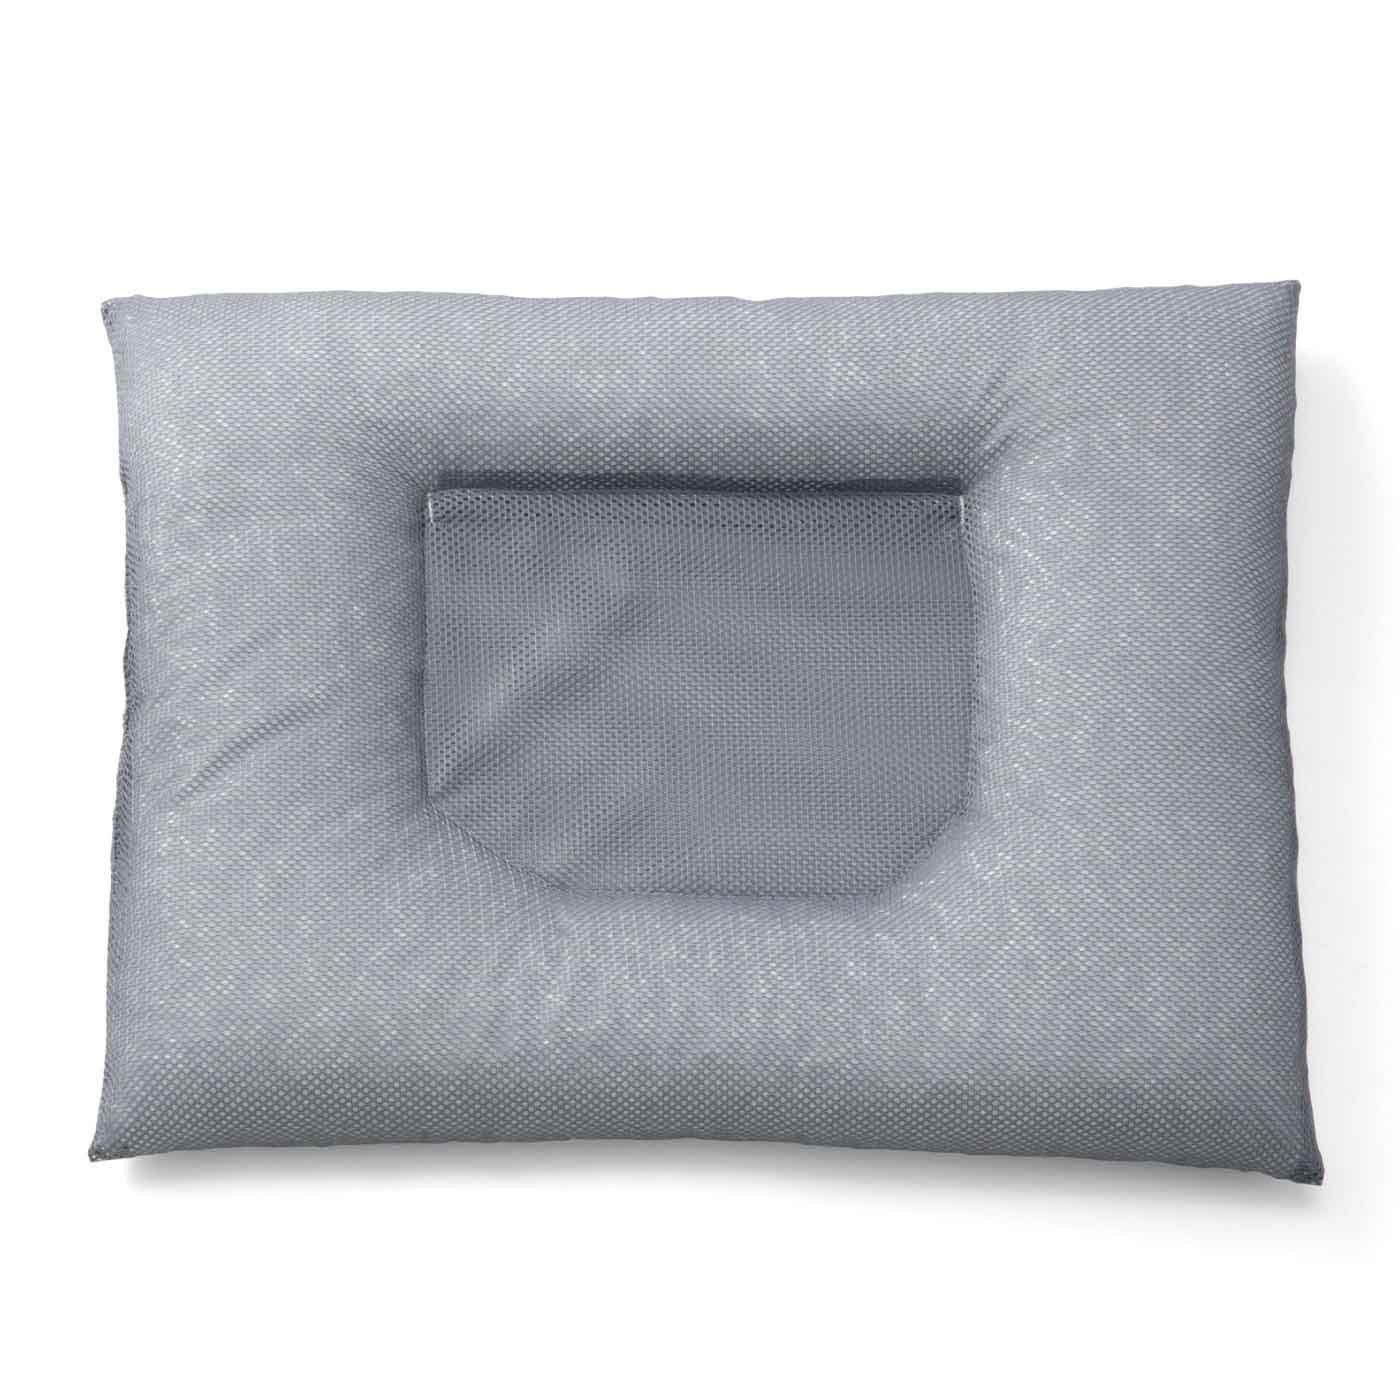 水ぎれ抜群! 清潔快適洗える枕